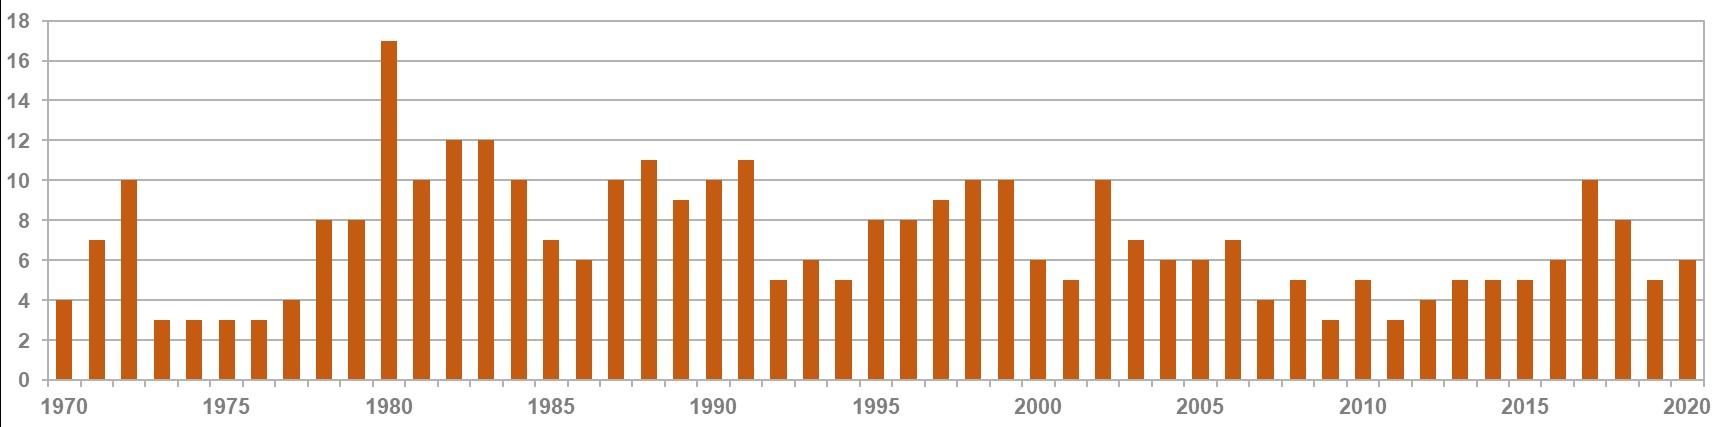 Wheatear graph